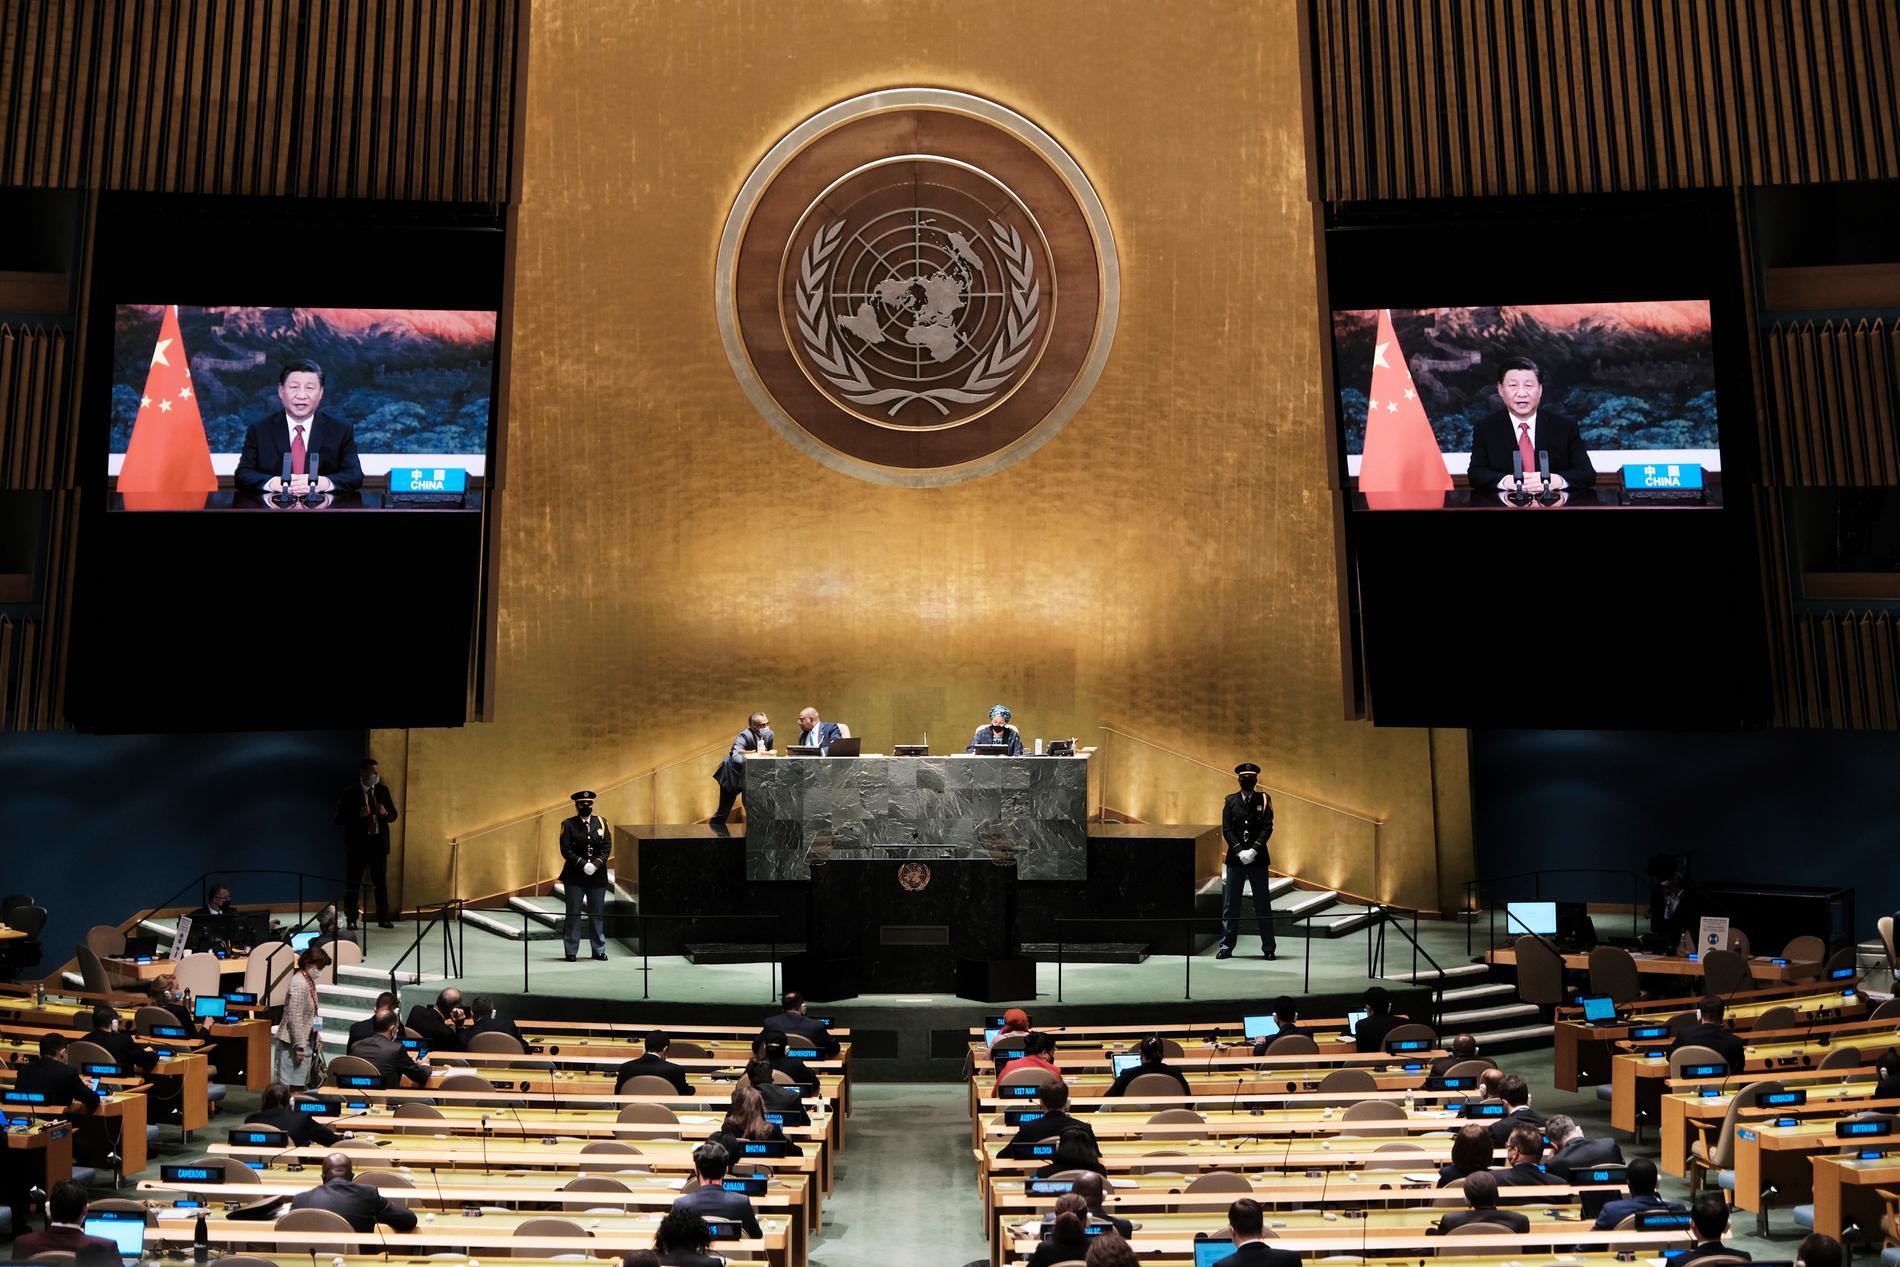 Kinas ledare Xi Jinping (på skärmarna) håller sitt förinspelade tal i FN:s generalförsamling.